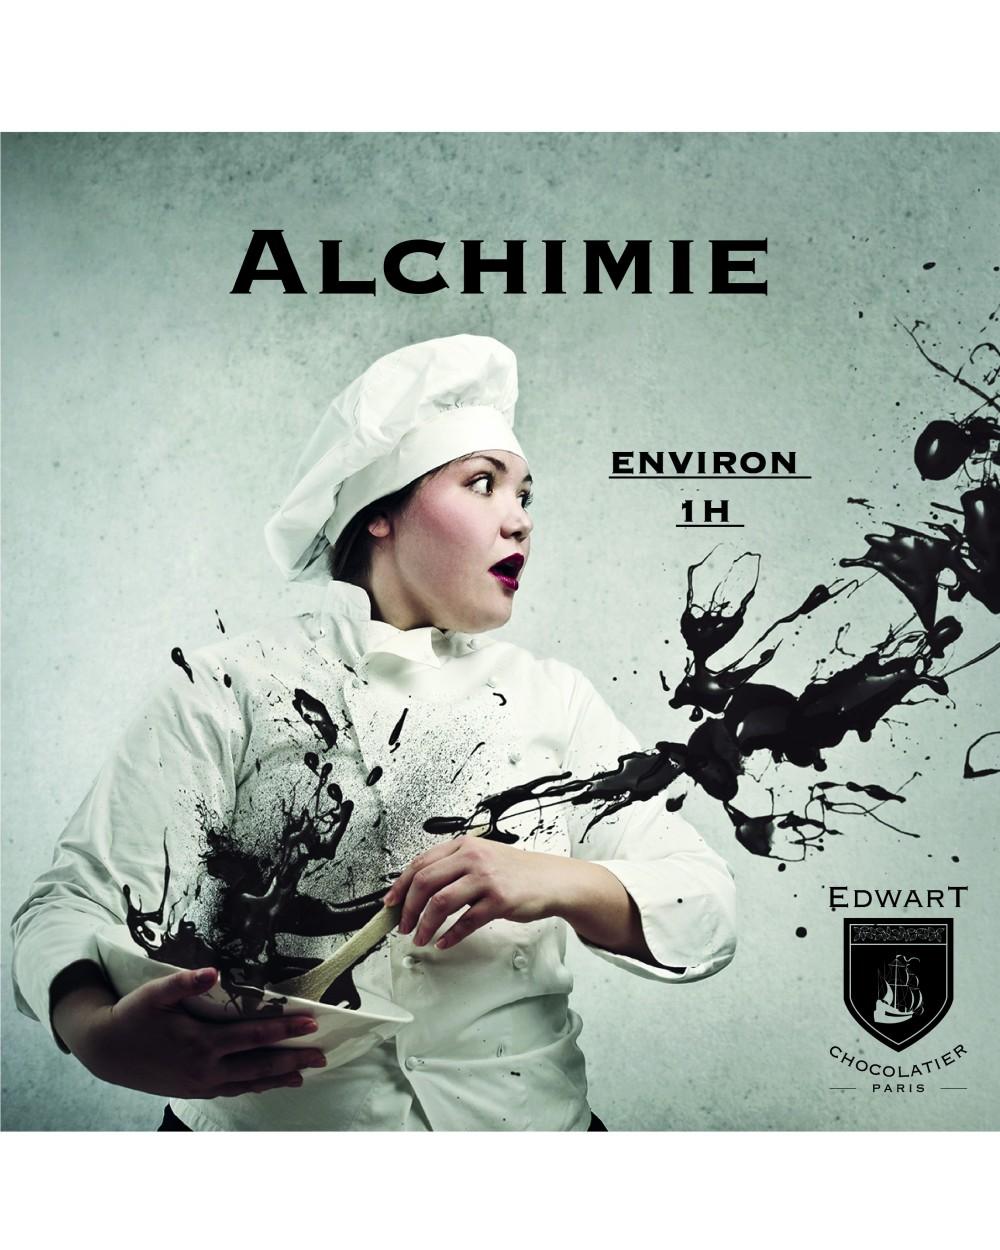 ATELIER ALCHIMIE - XX/XX/XX de XXh à XXh